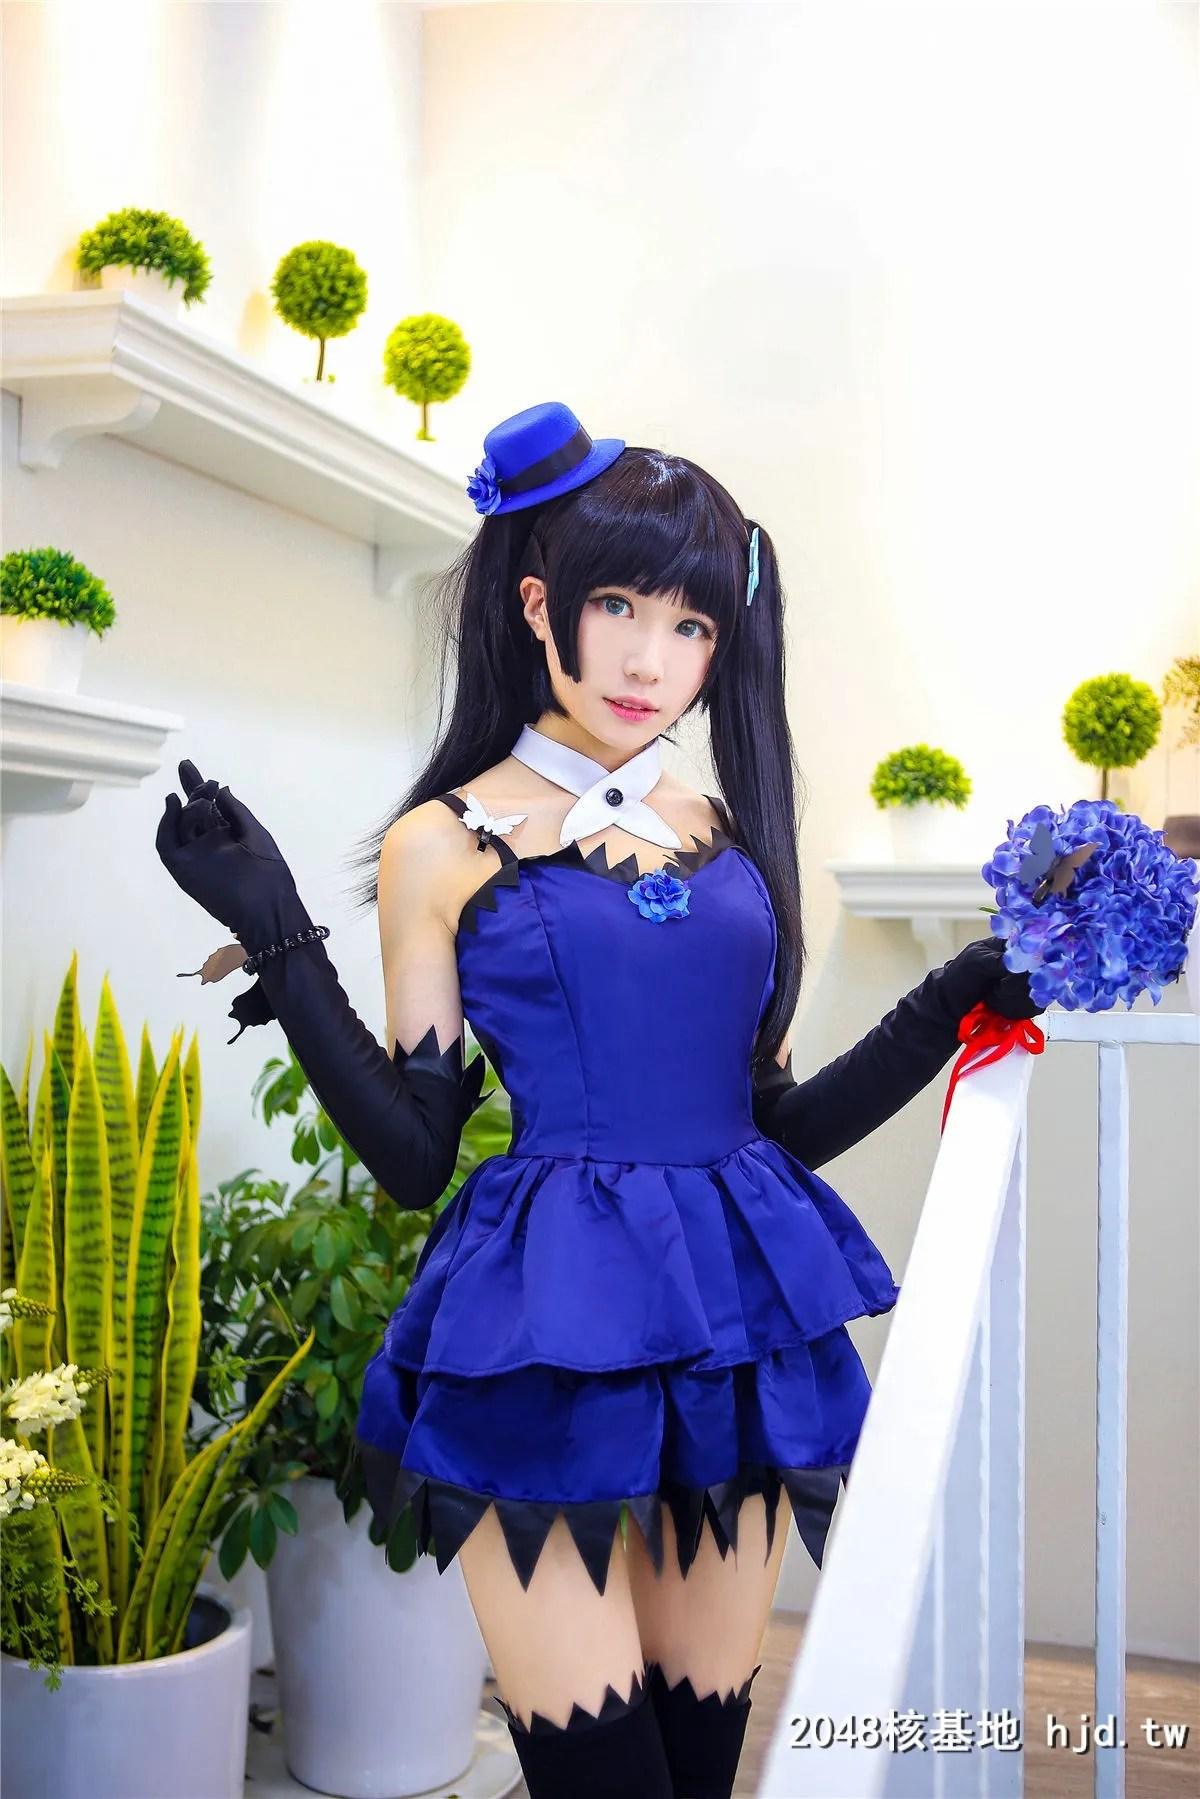 《散华礼弥》蓝色礼服黑袜少女诱惑Cosplay【CN:-Tomoyo酱-】 (14P)插图(6)